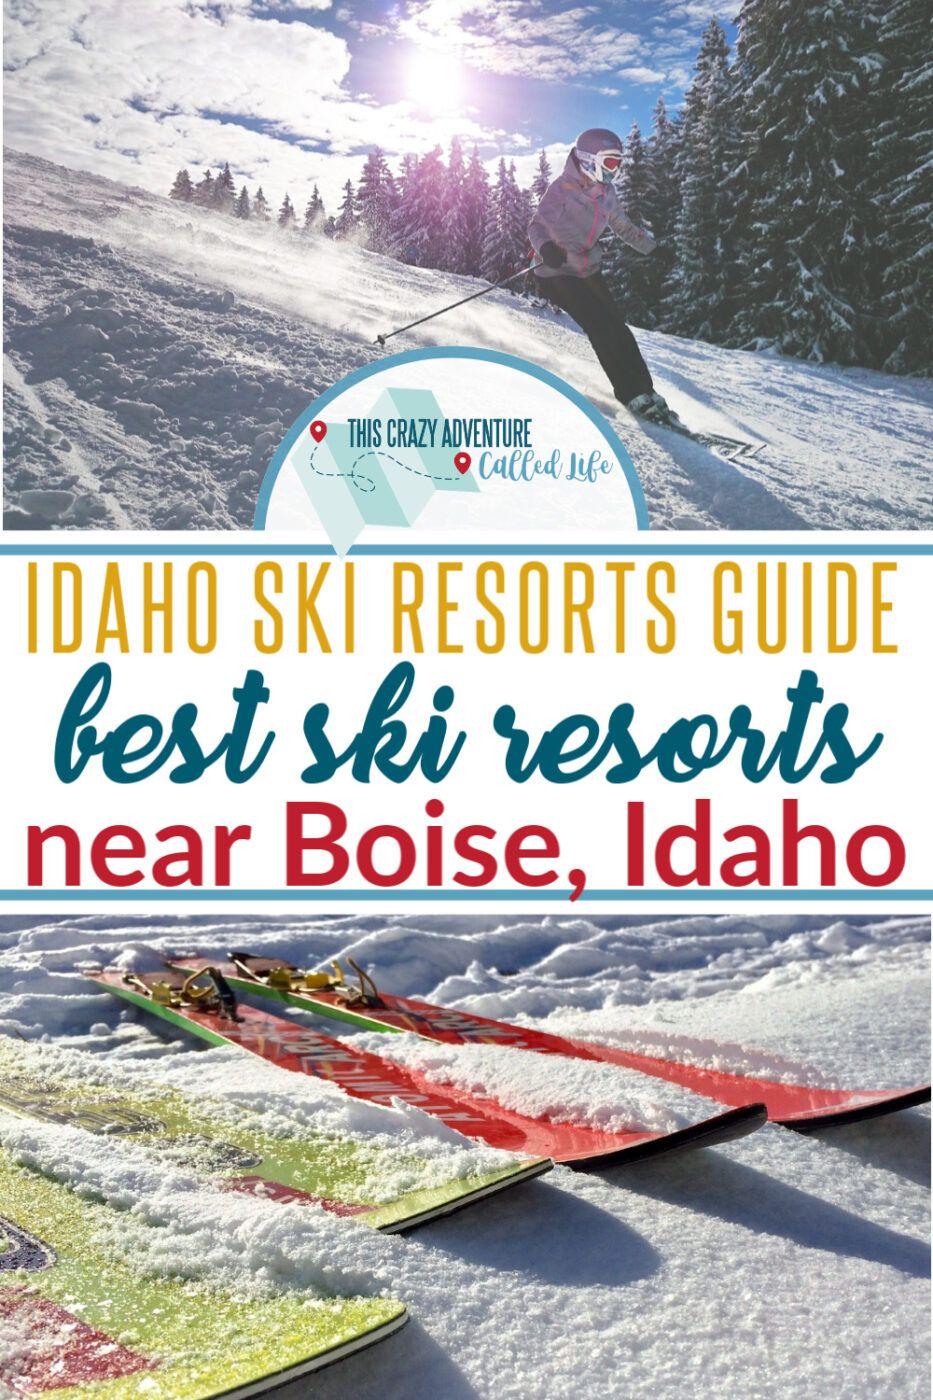 Best ski resorts near boise idaho best ski resorts ski